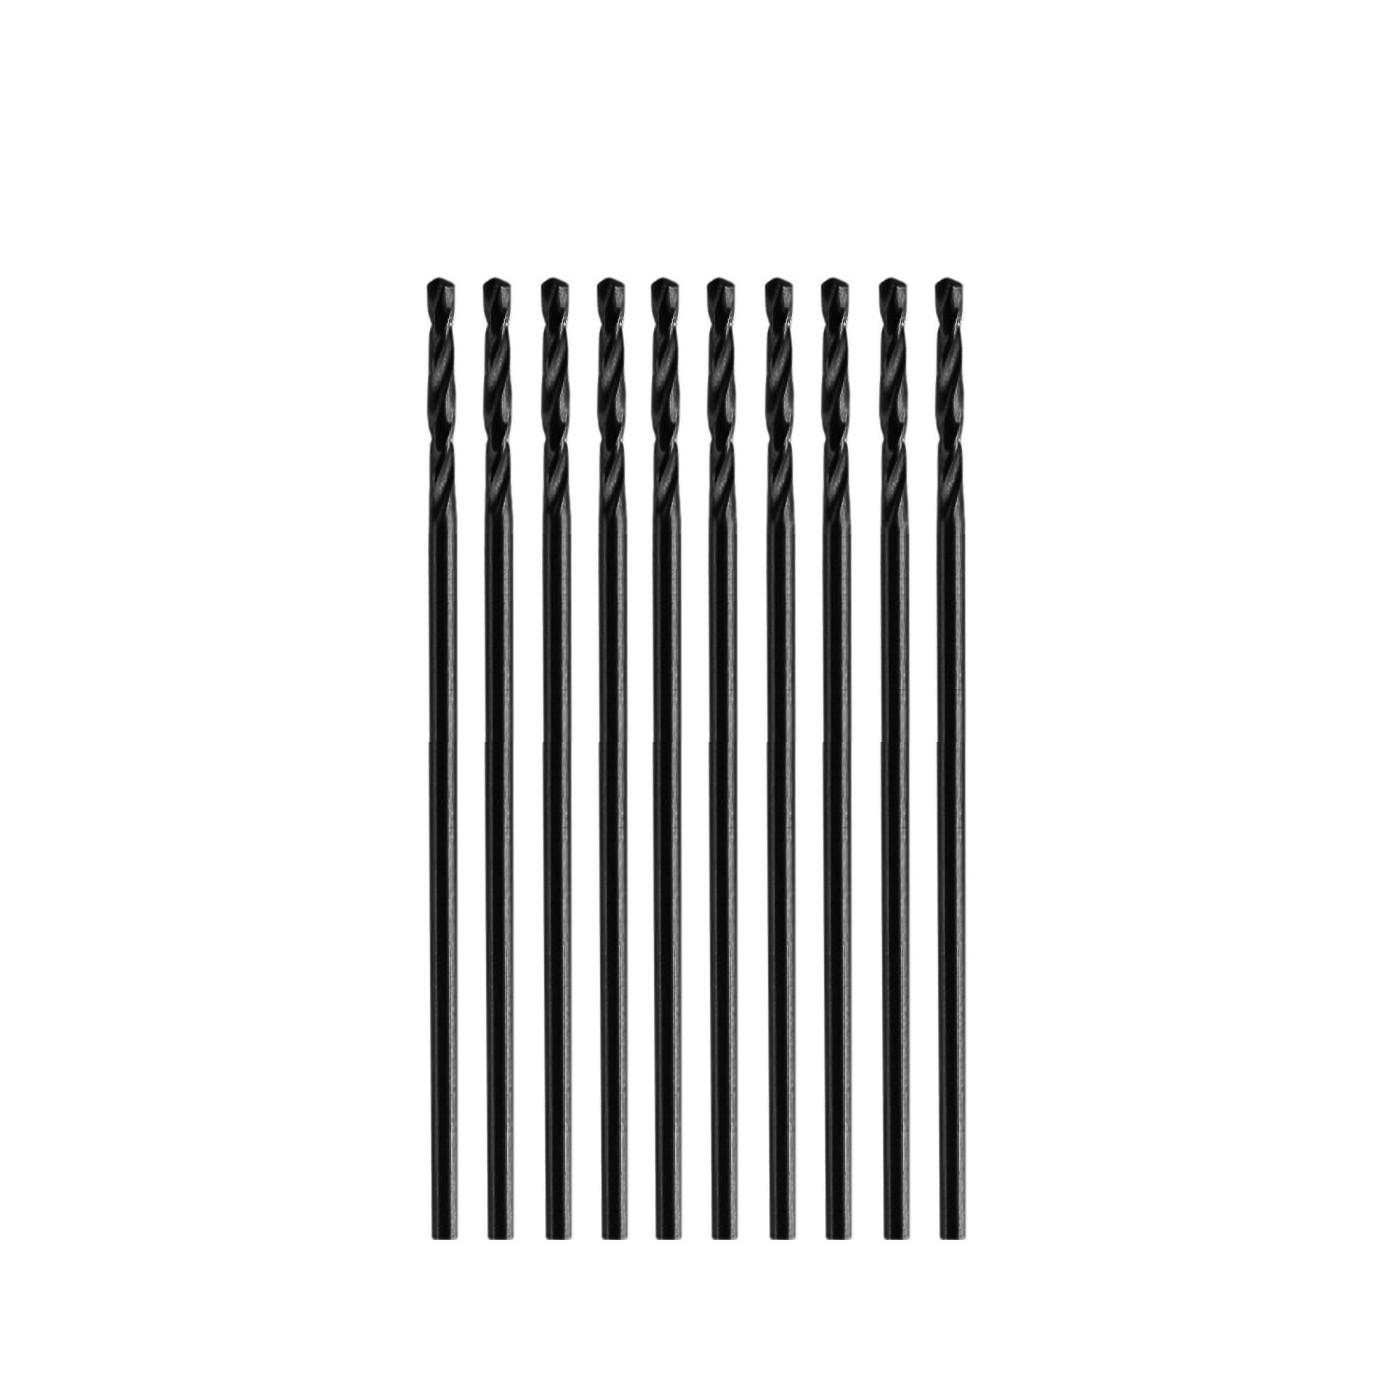 Set van 10 kleine metaalboren (0,9x32 mm, HSS)